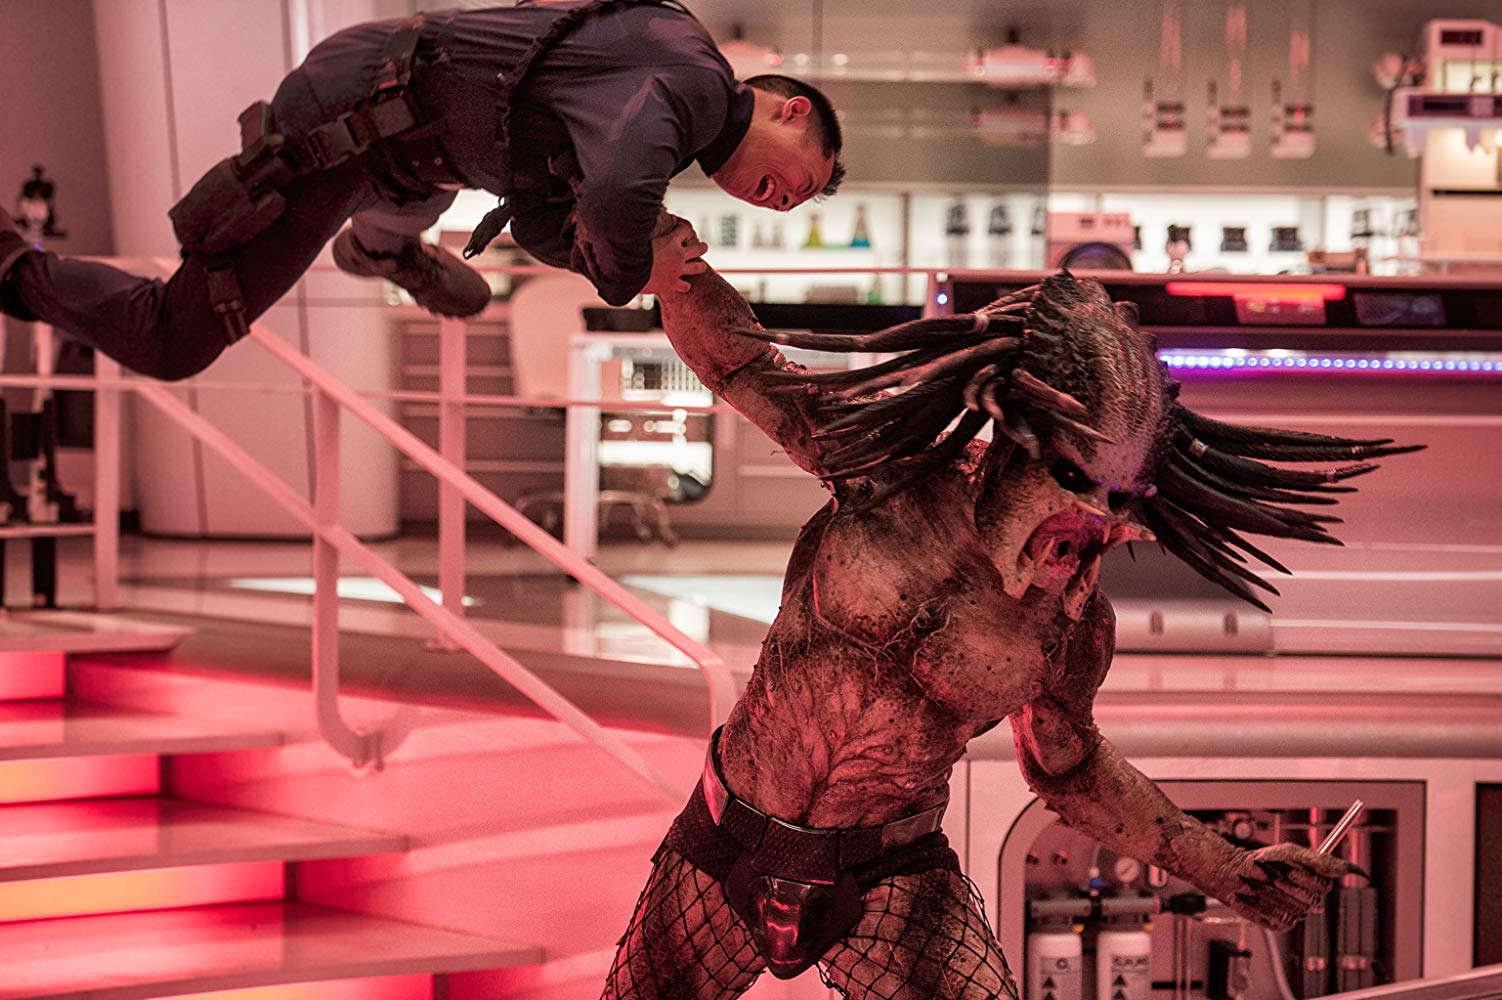 Reseña de la película El Depredador - The Predator (2018)